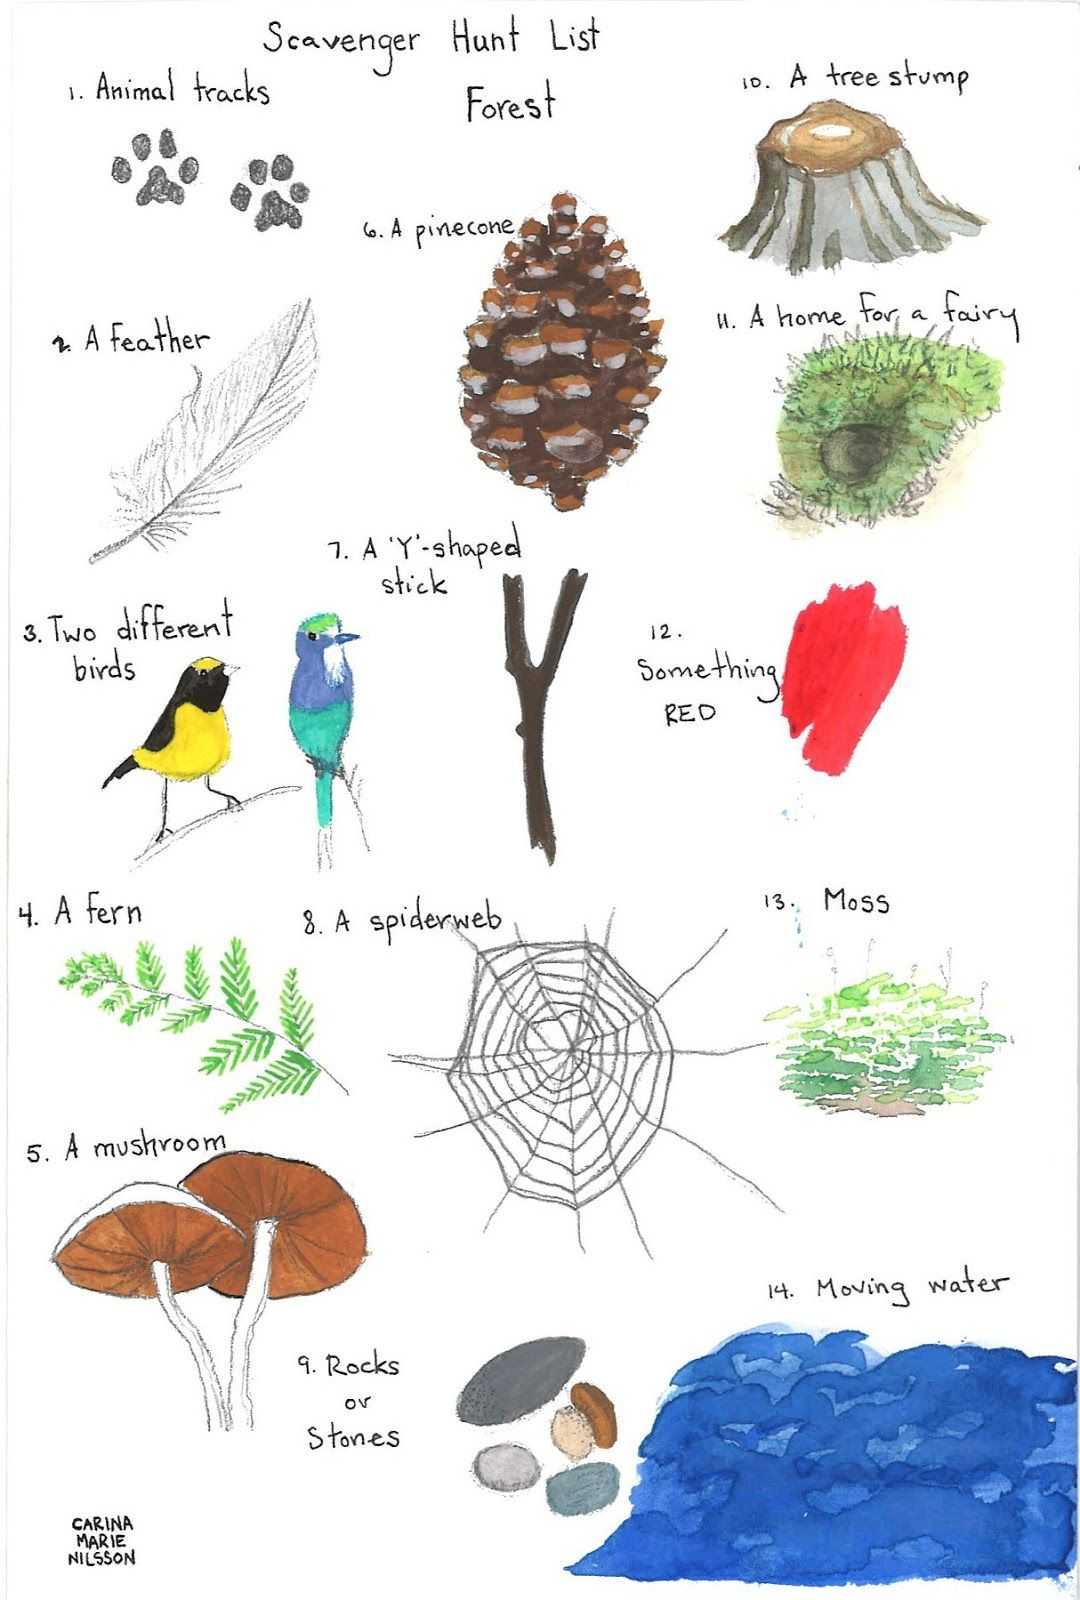 Paper Bluejay A Forest Scavenger Hunt Downloadable Illustrated Scavenger Hunt